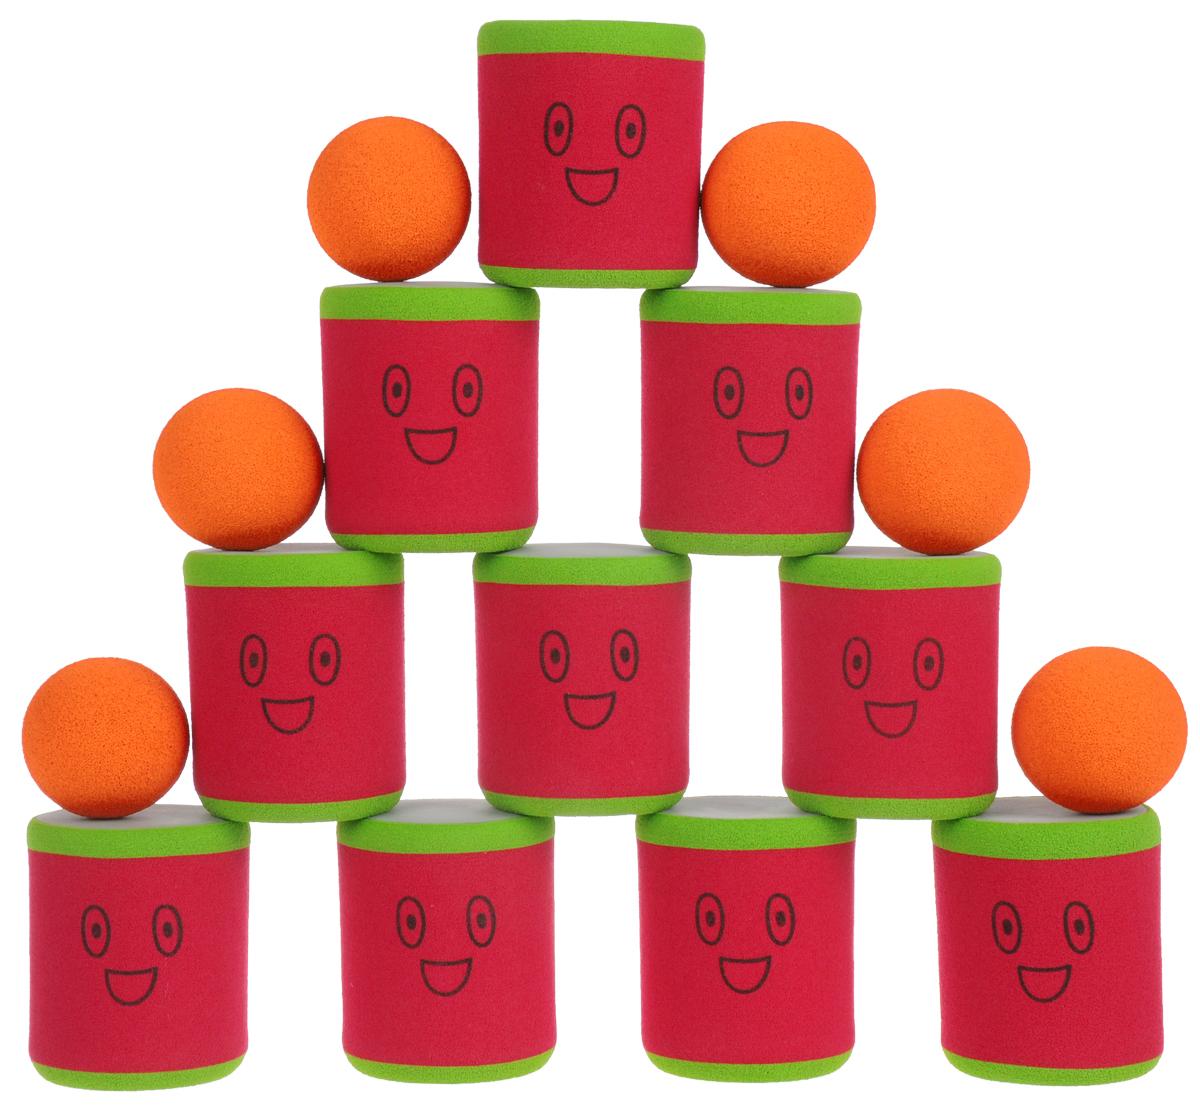 Safsof Игровой набор Городки цвет красный зеленый оранжевый magellan игровой набор городки люкс